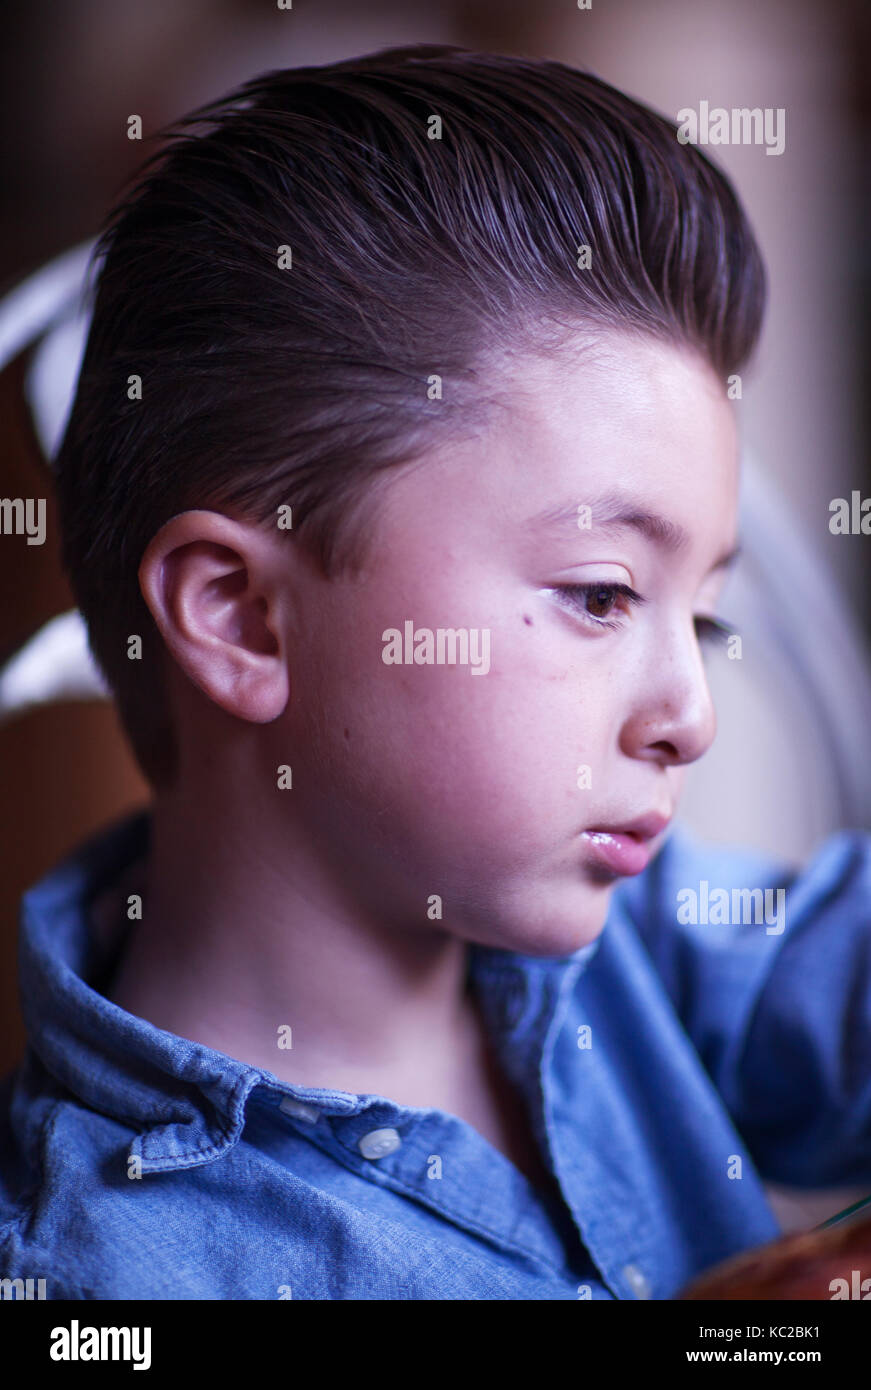 Schöner Kleiner Junge Mit Rockabilly Schmierer James Dean